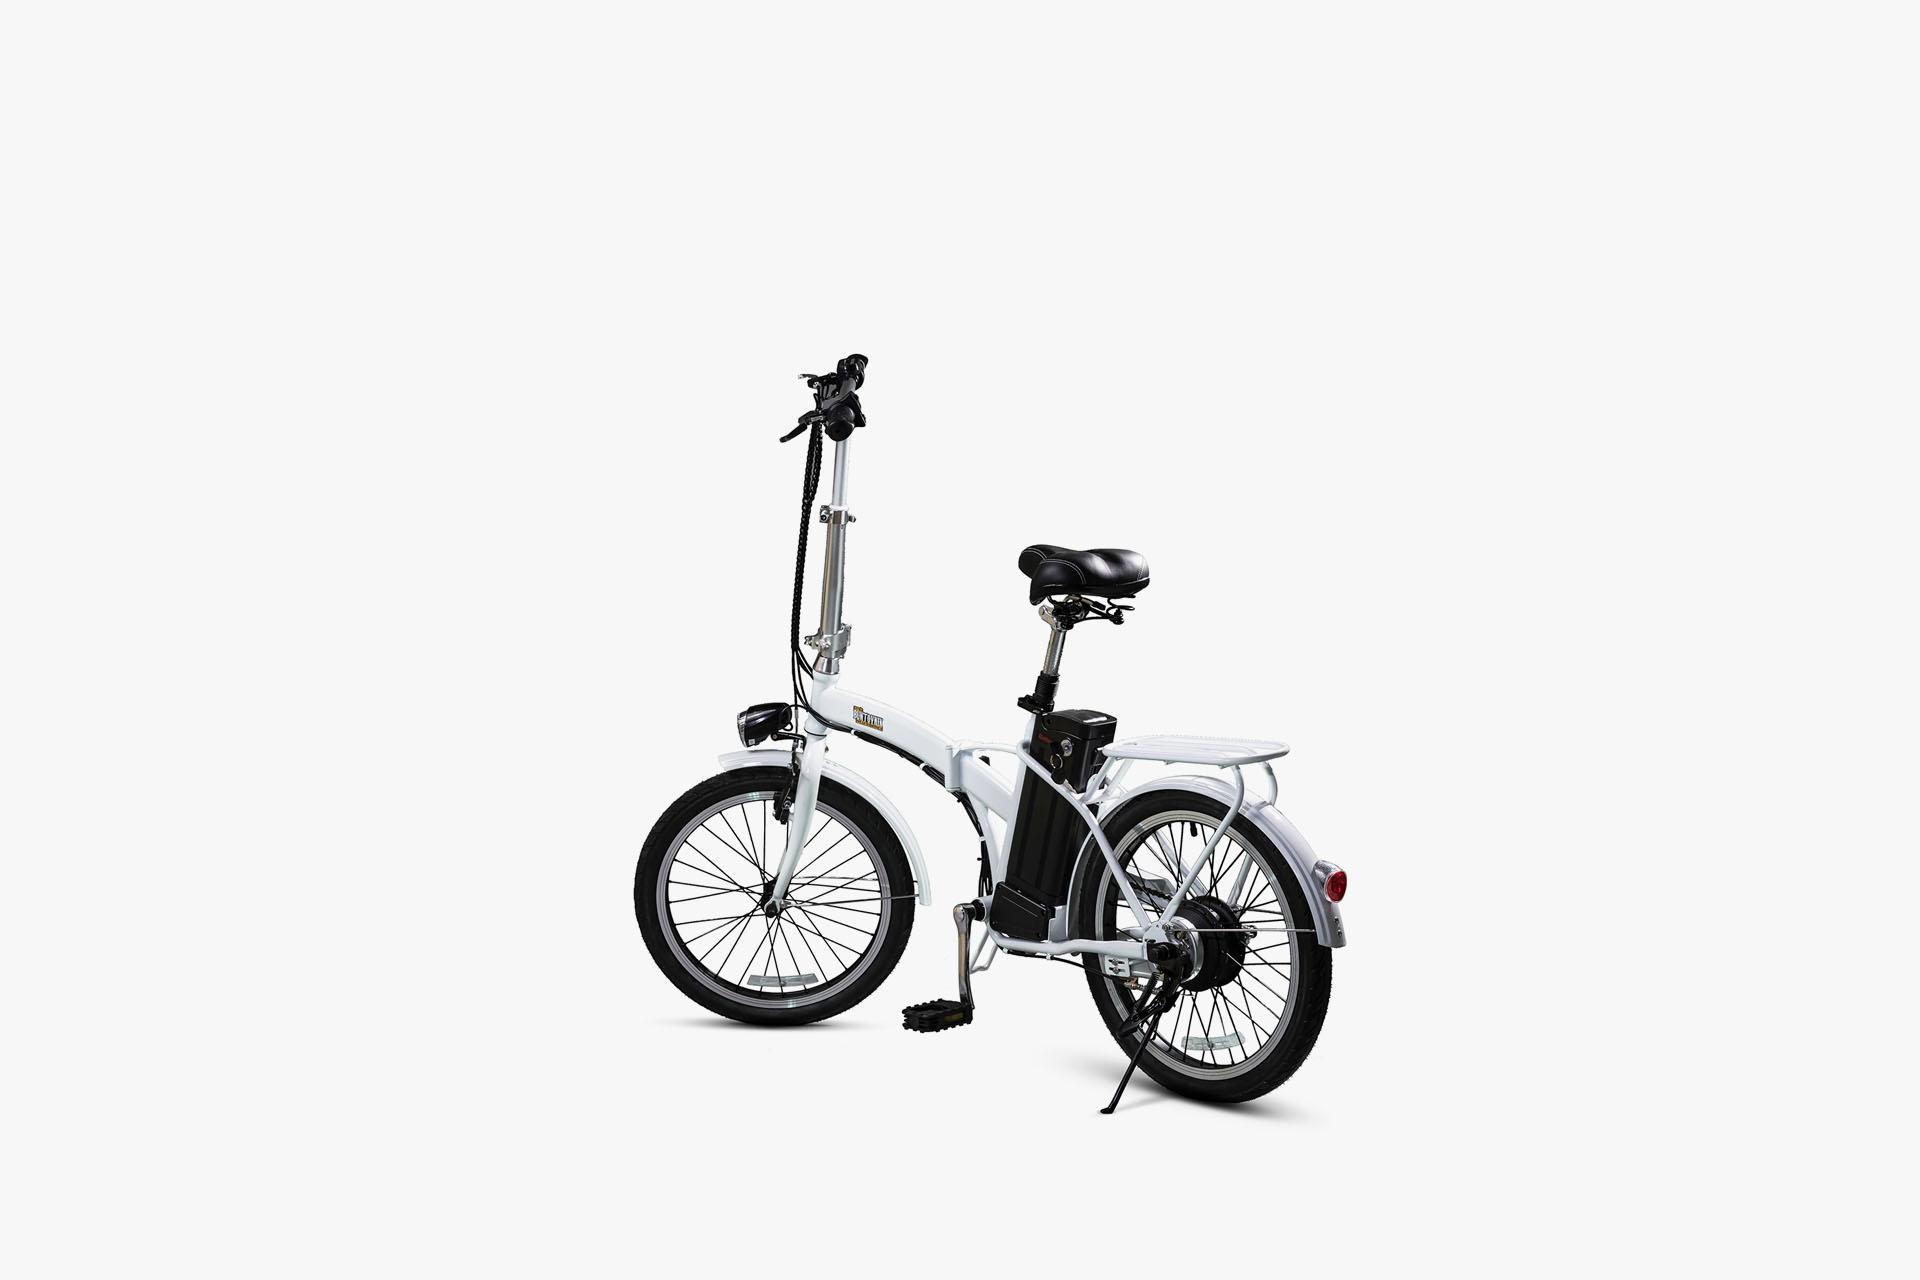 Preklopni Sklopivi Elektricni Bicikl na Baterije FY-04